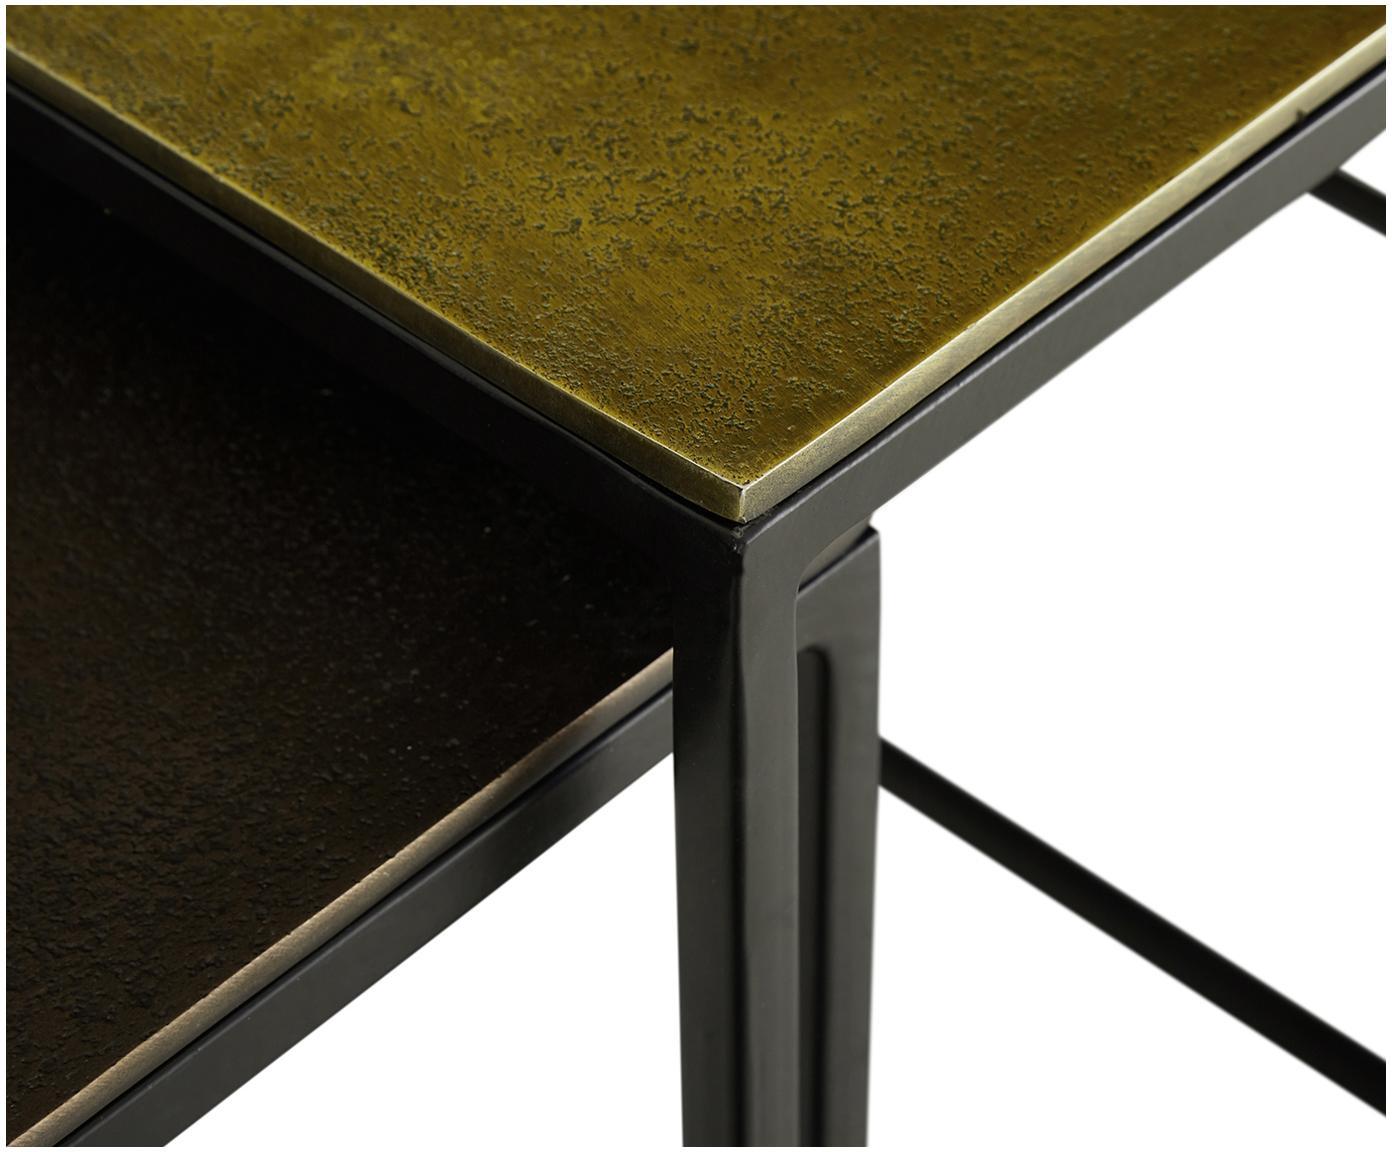 Komplet stolików pomocniczych Dwayne, 3 elem., Blat: aluminium powlekane, Stelaż: metal lakierowany, Aluminium, mosiądz, Różne rozmiary